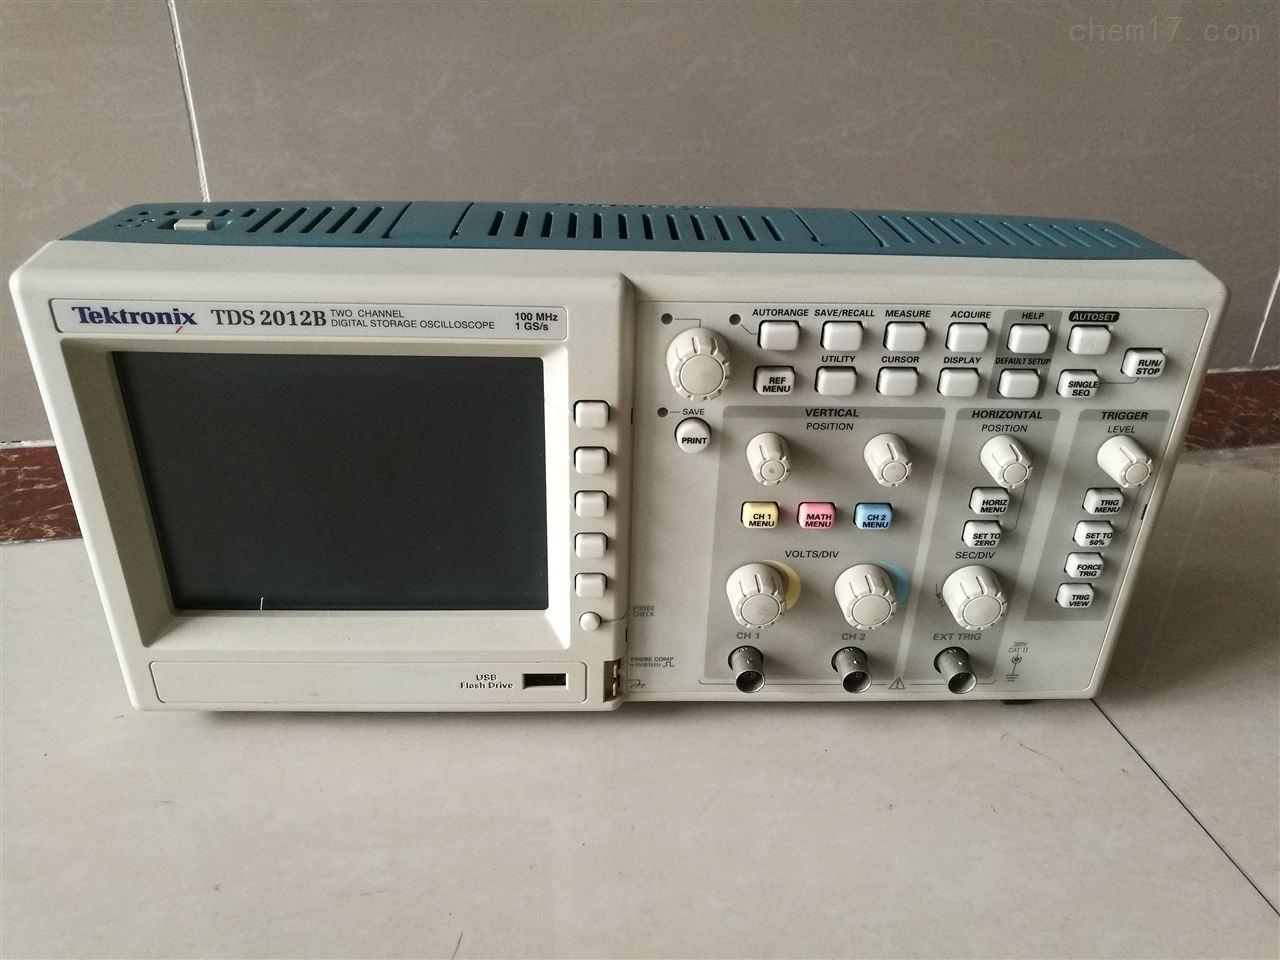 泰克TDS2012B示波器